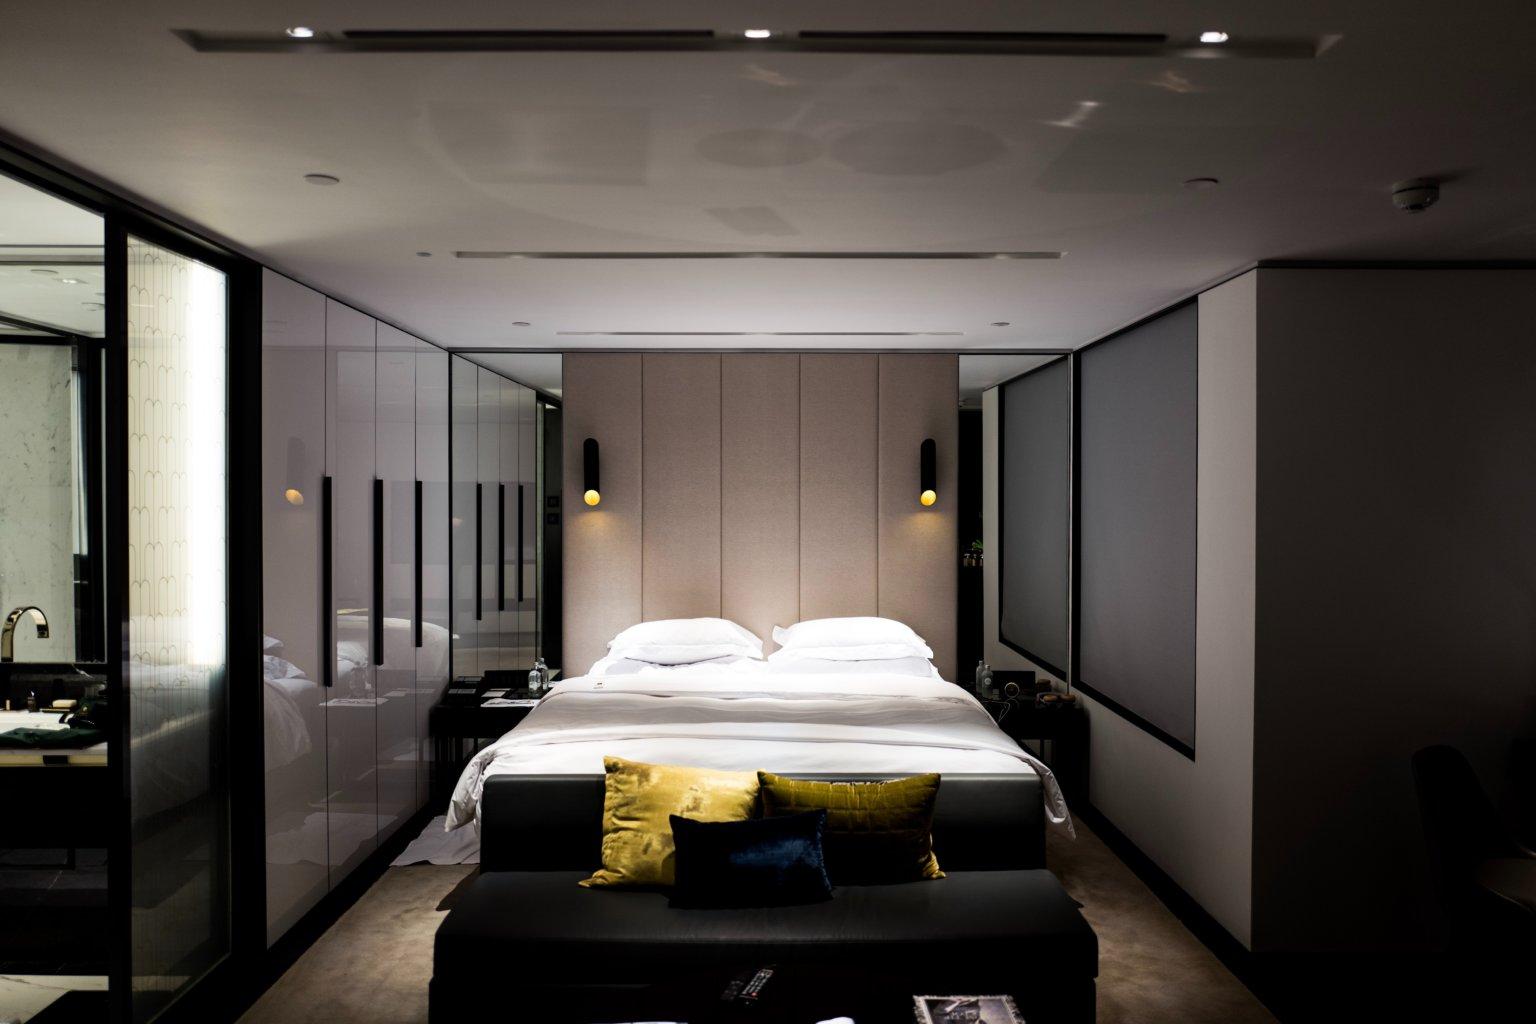 7 sai lầm khi trang trí khiến căn phòng của bạn trôg nhỏ đi nhiều so với diện tích thực - Ảnh 3.